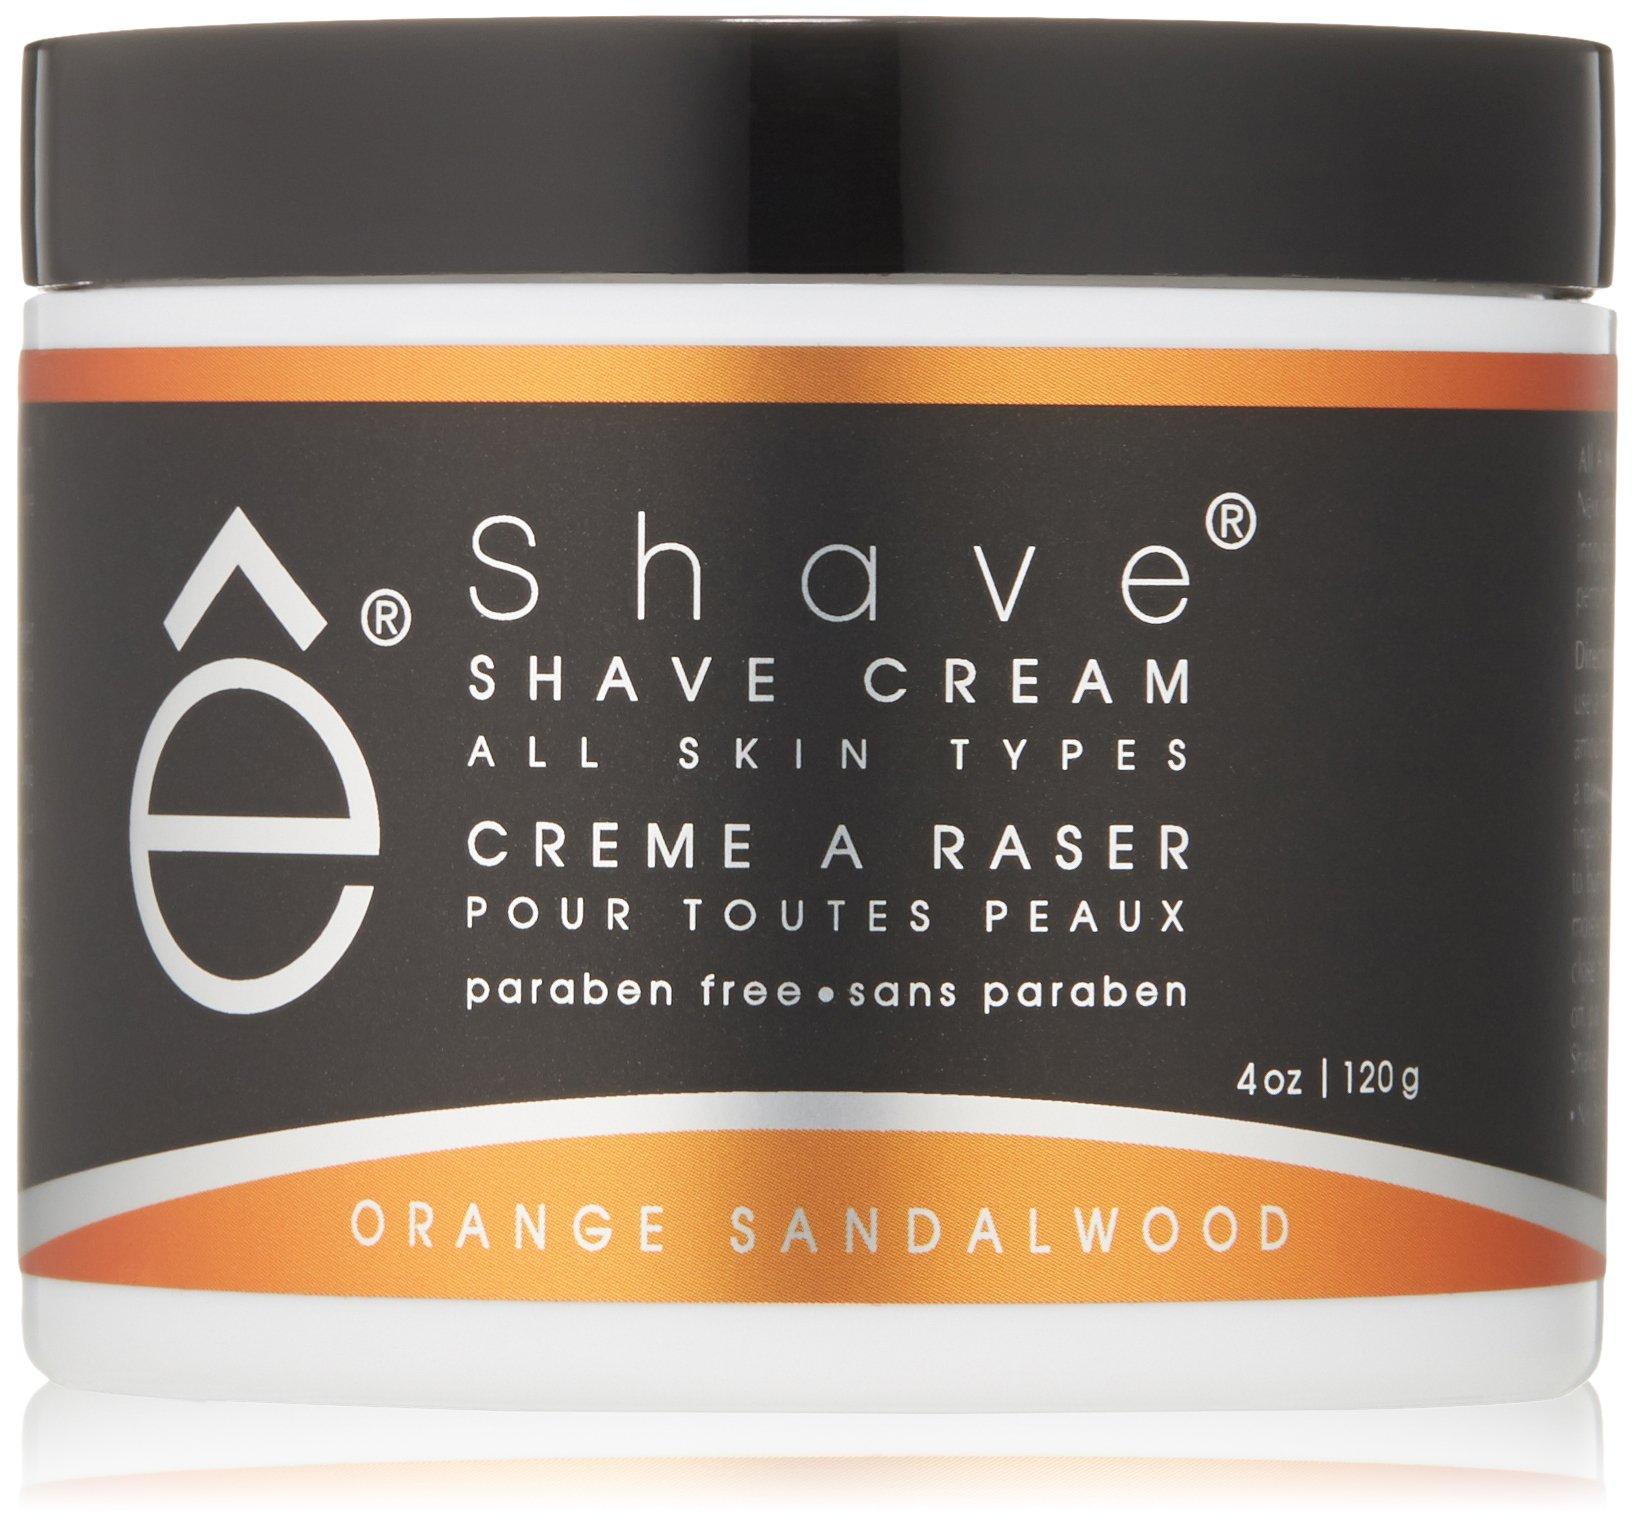 eShave Shave Cream, 4 oz.